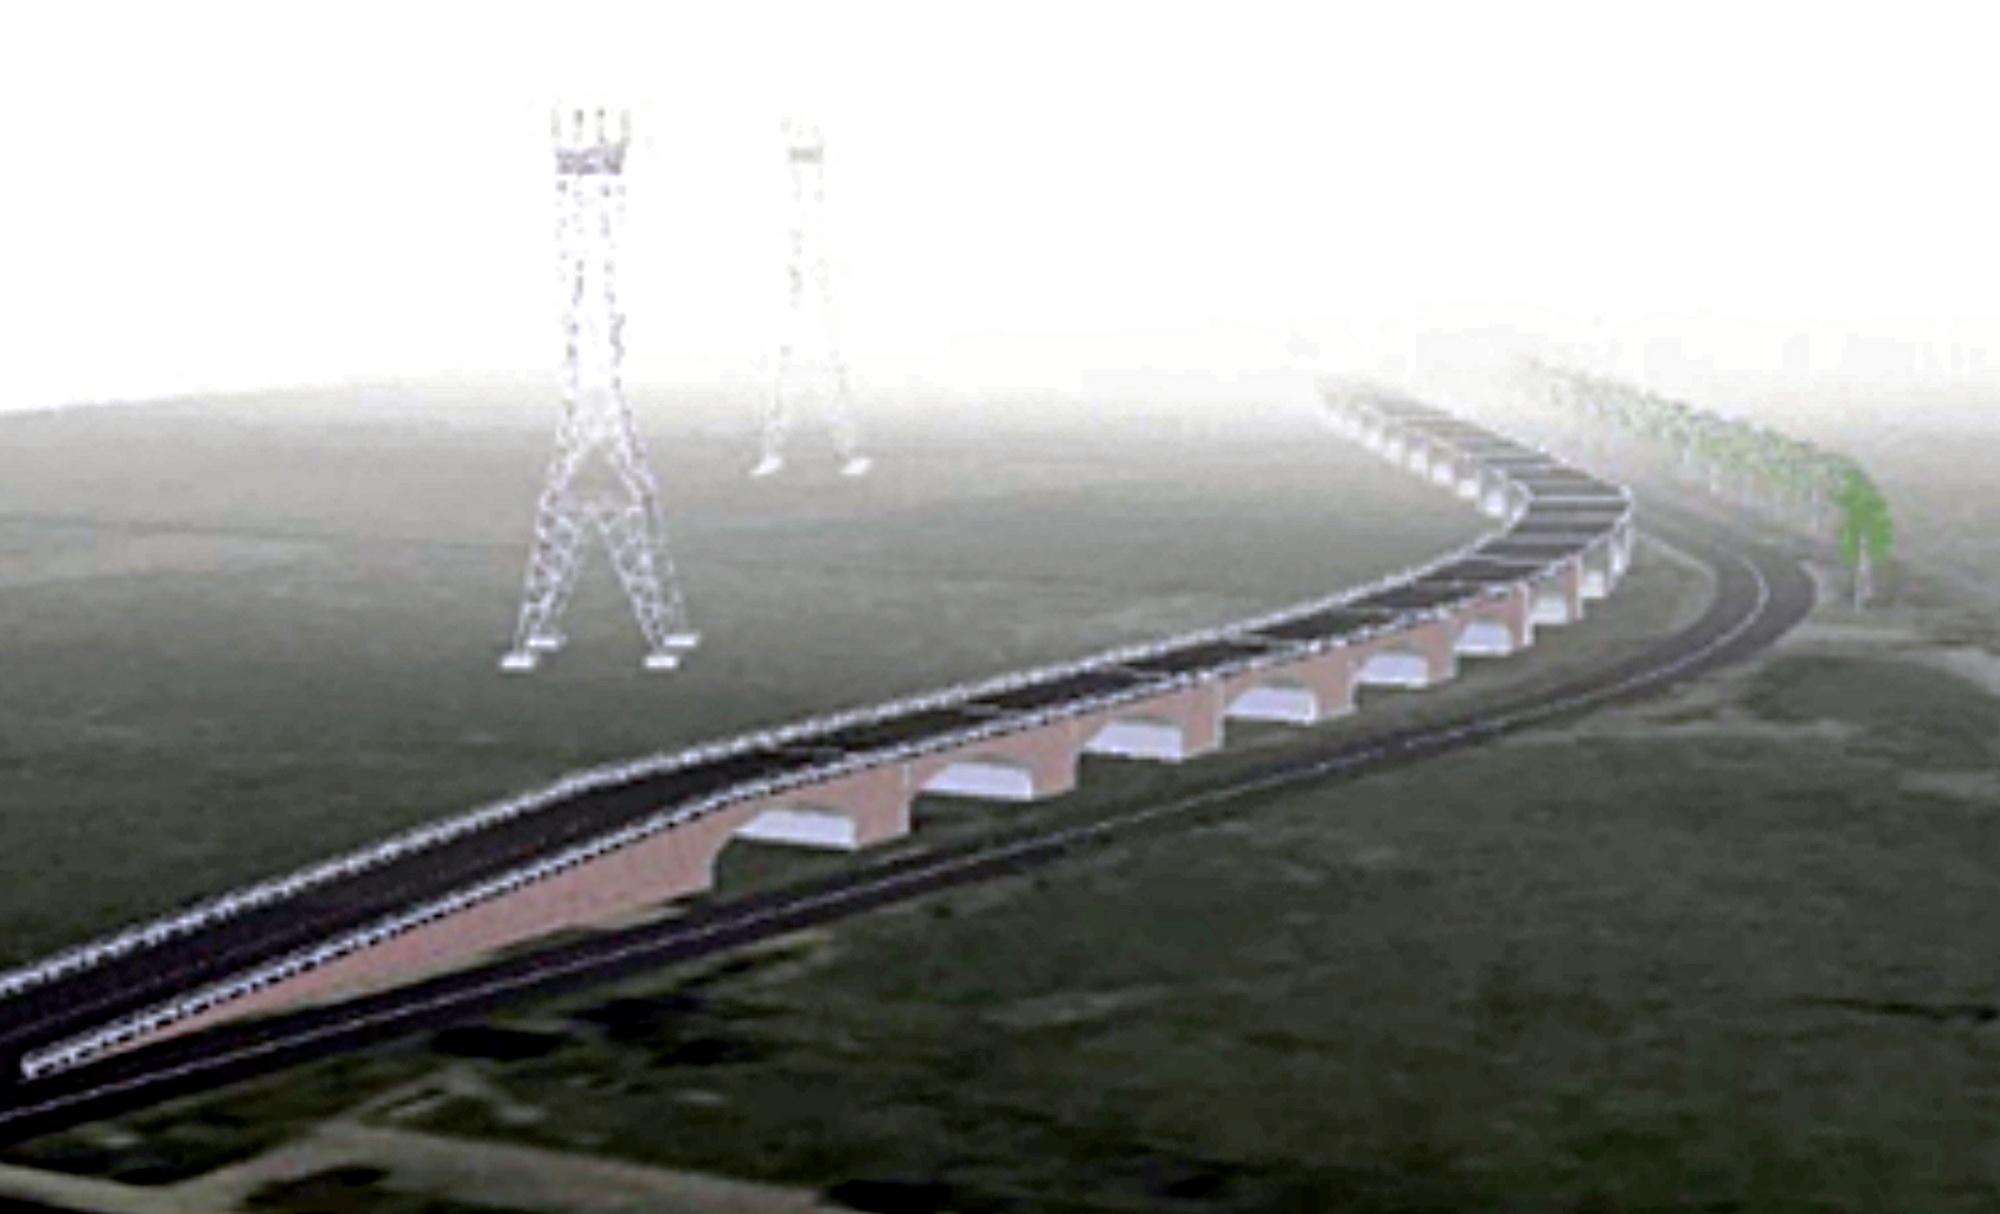 Vienas iš galimų estakados projektų savo išvaizda primena Griniaus tiltą.